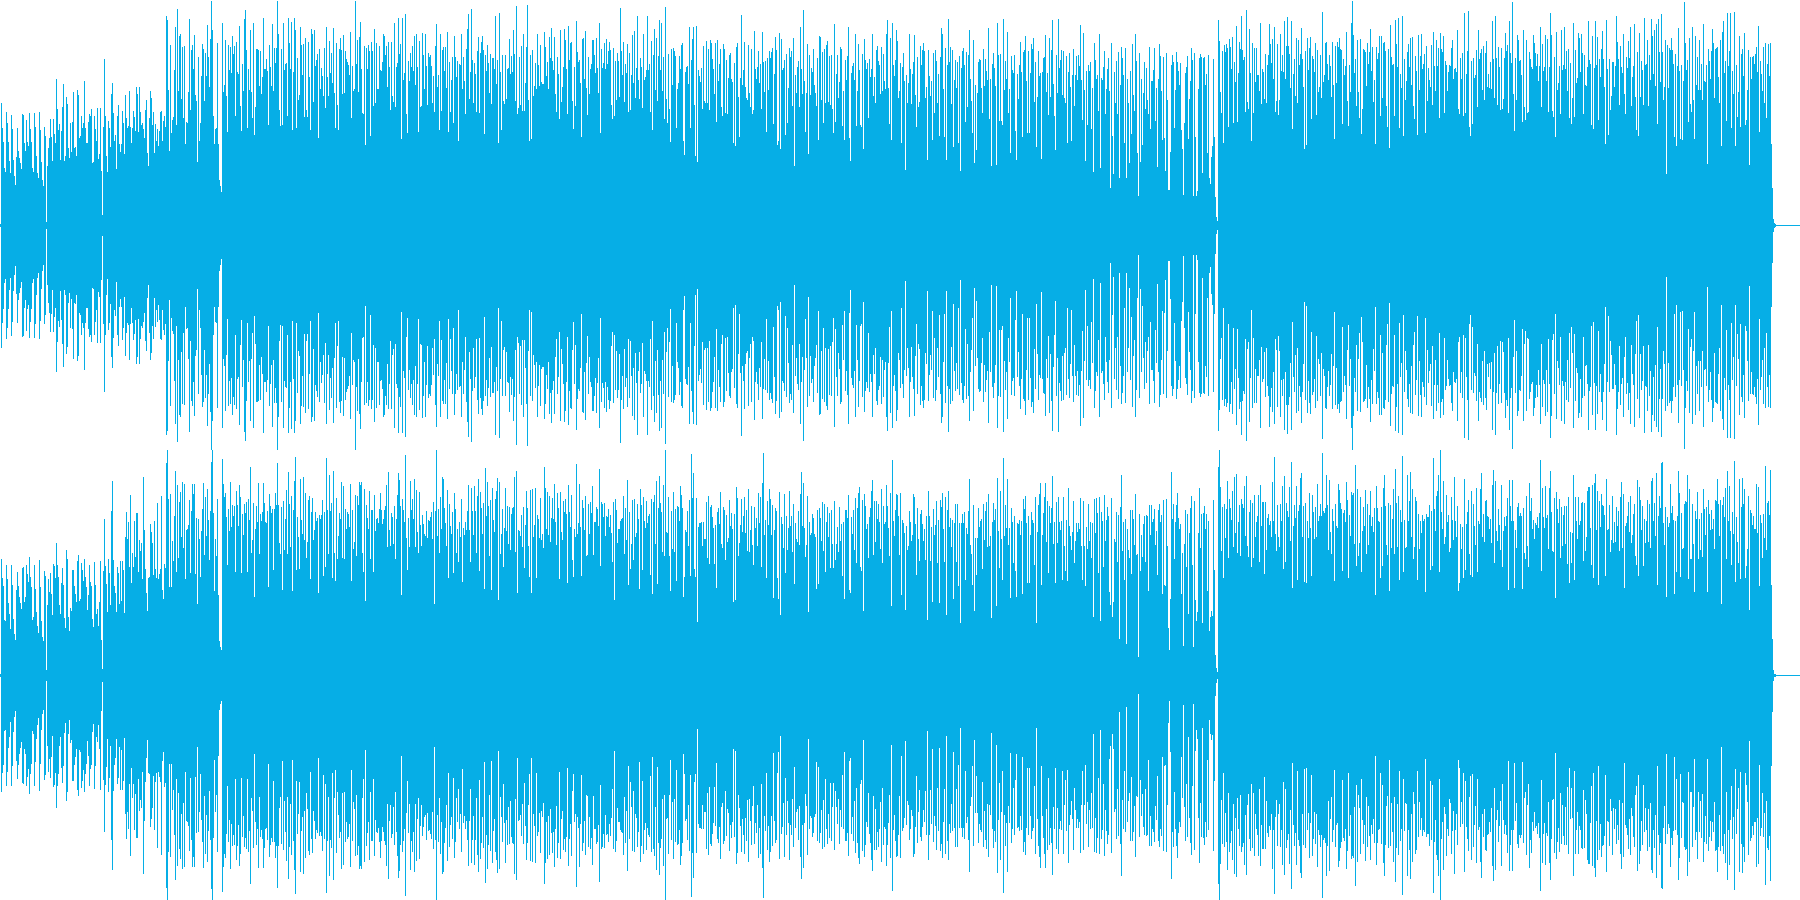 Jazzyでファンキーなインストの再生済みの波形